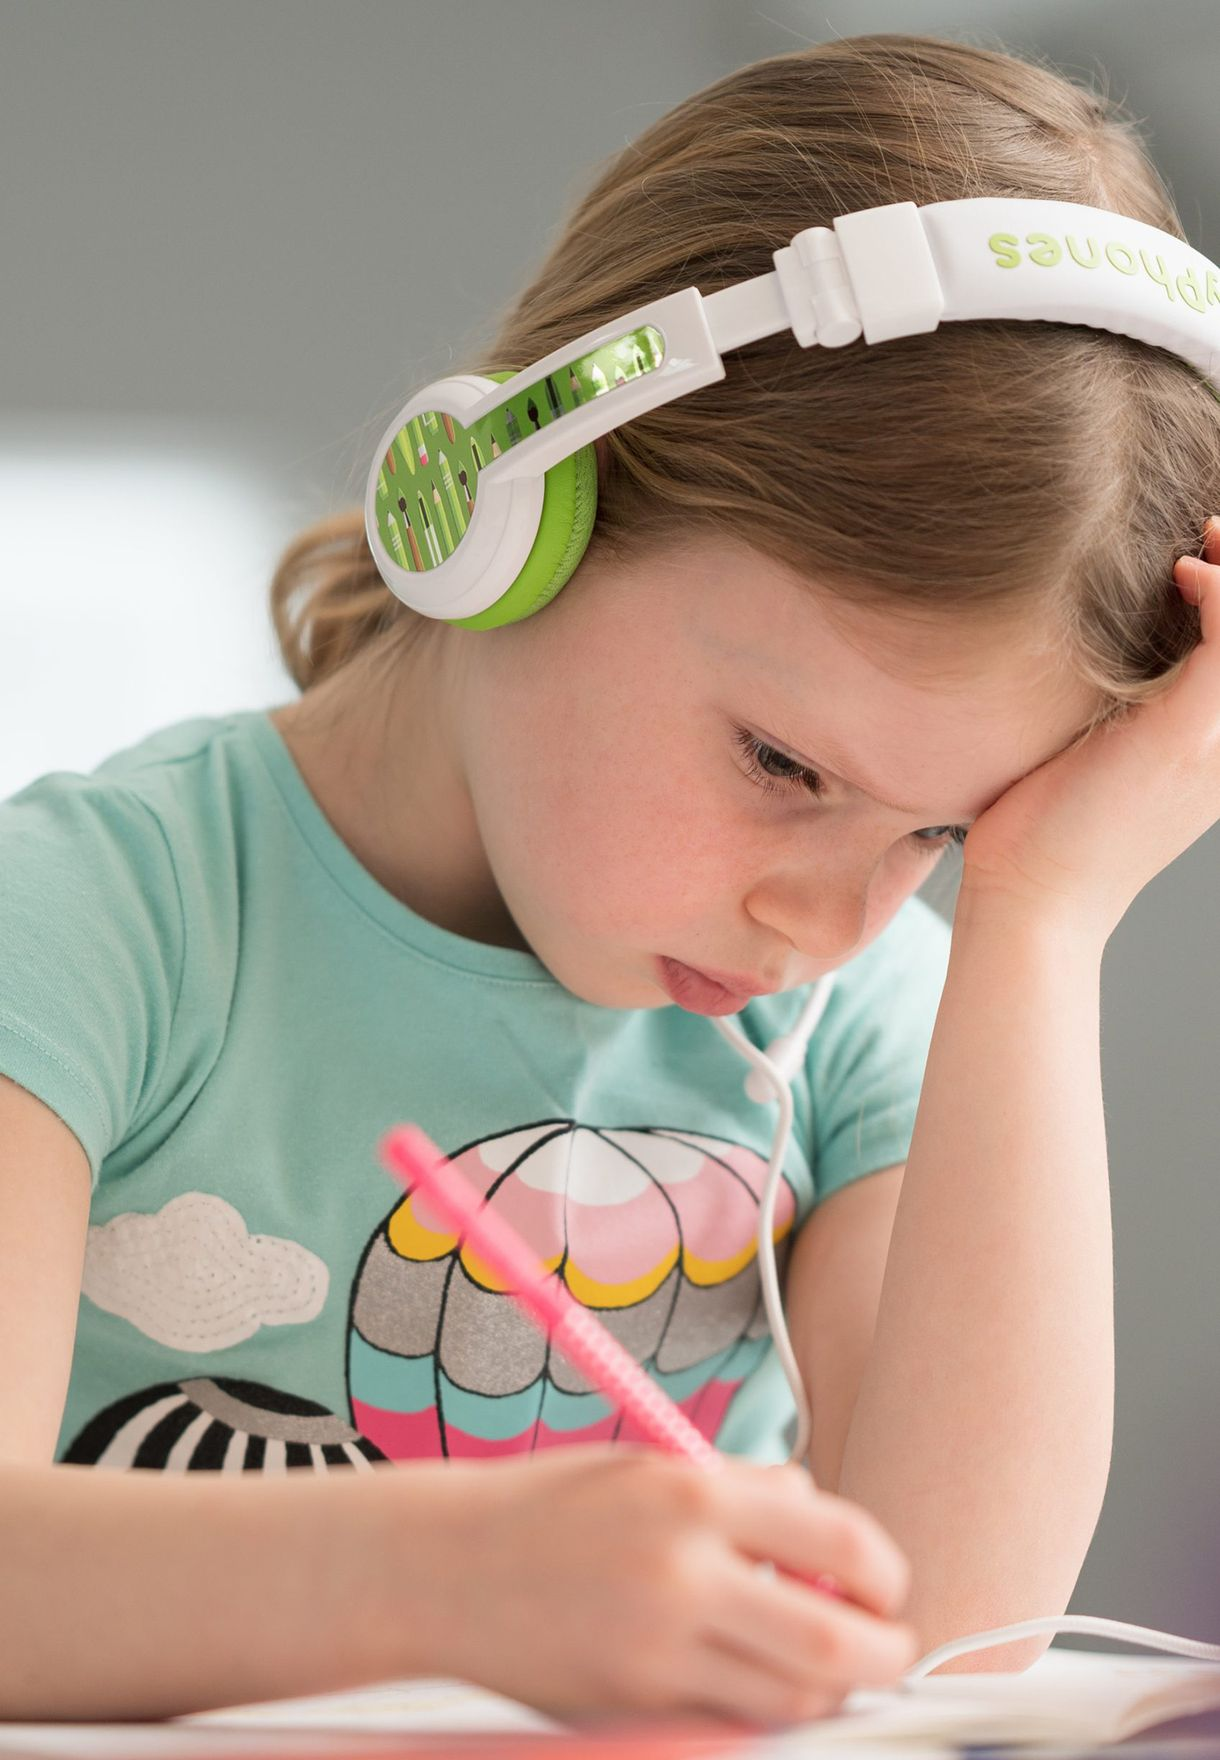 سماعات أذن بميكروفون للاطفال